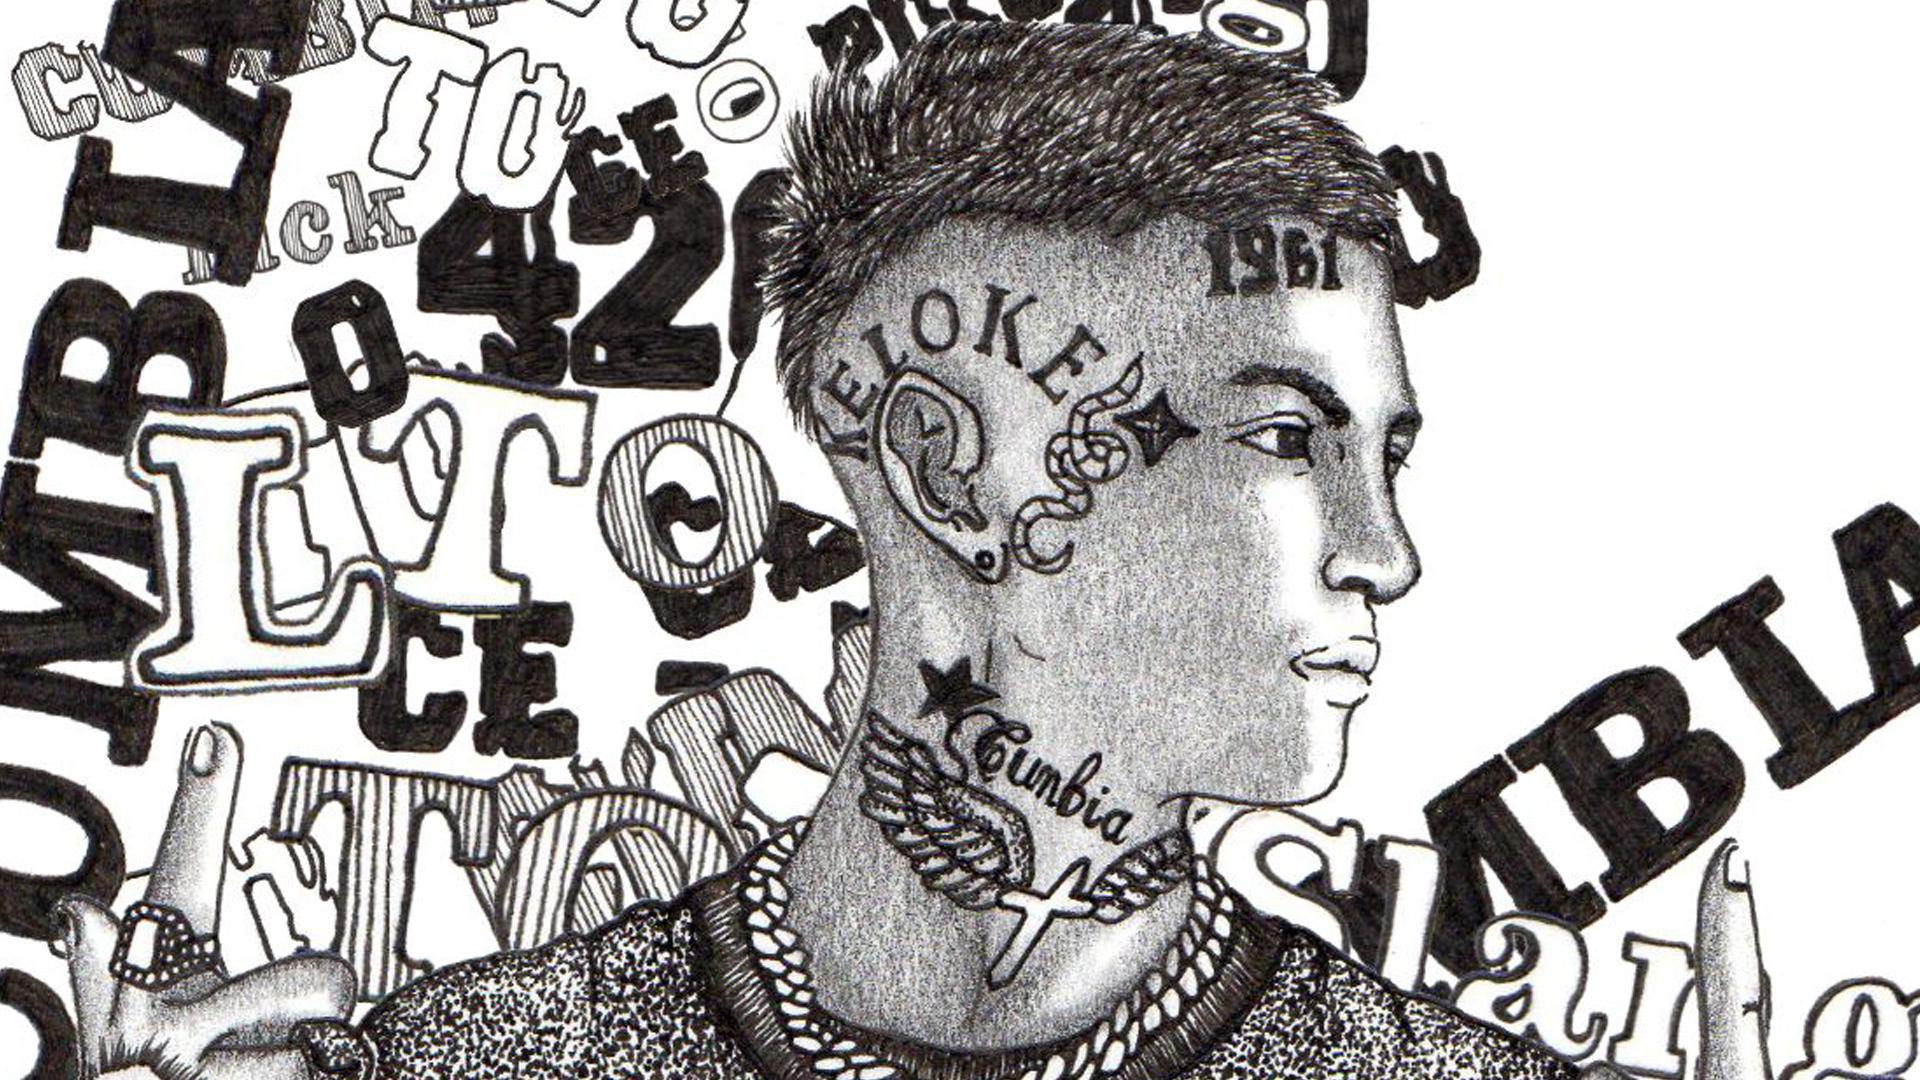 Elián Ángel Valenzuela, L-GANTE, es el último fenómeno de la música local, con perfil internacional. Ilustración: Alejandra Lagos.